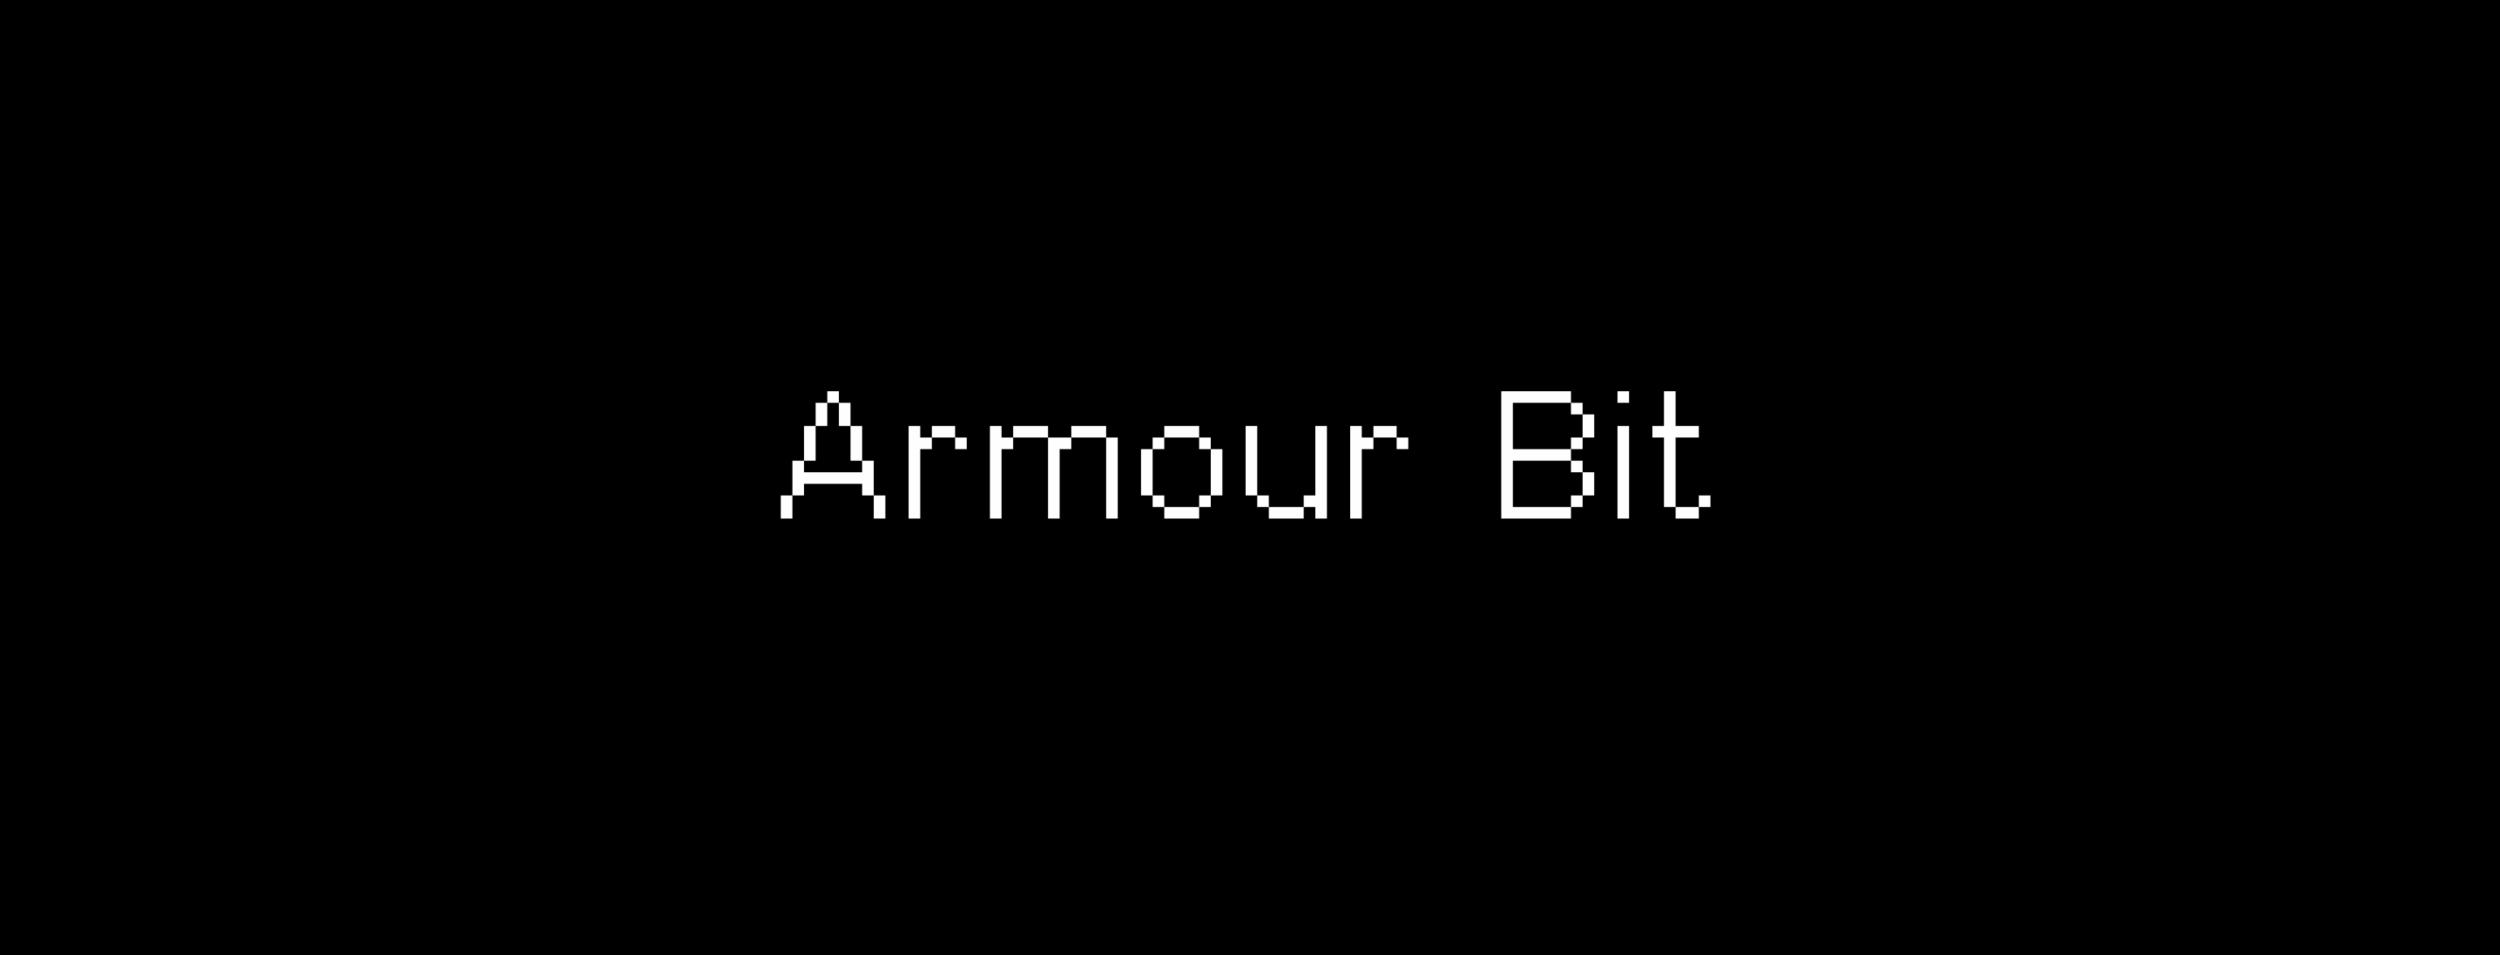 Armour Bit Typeface